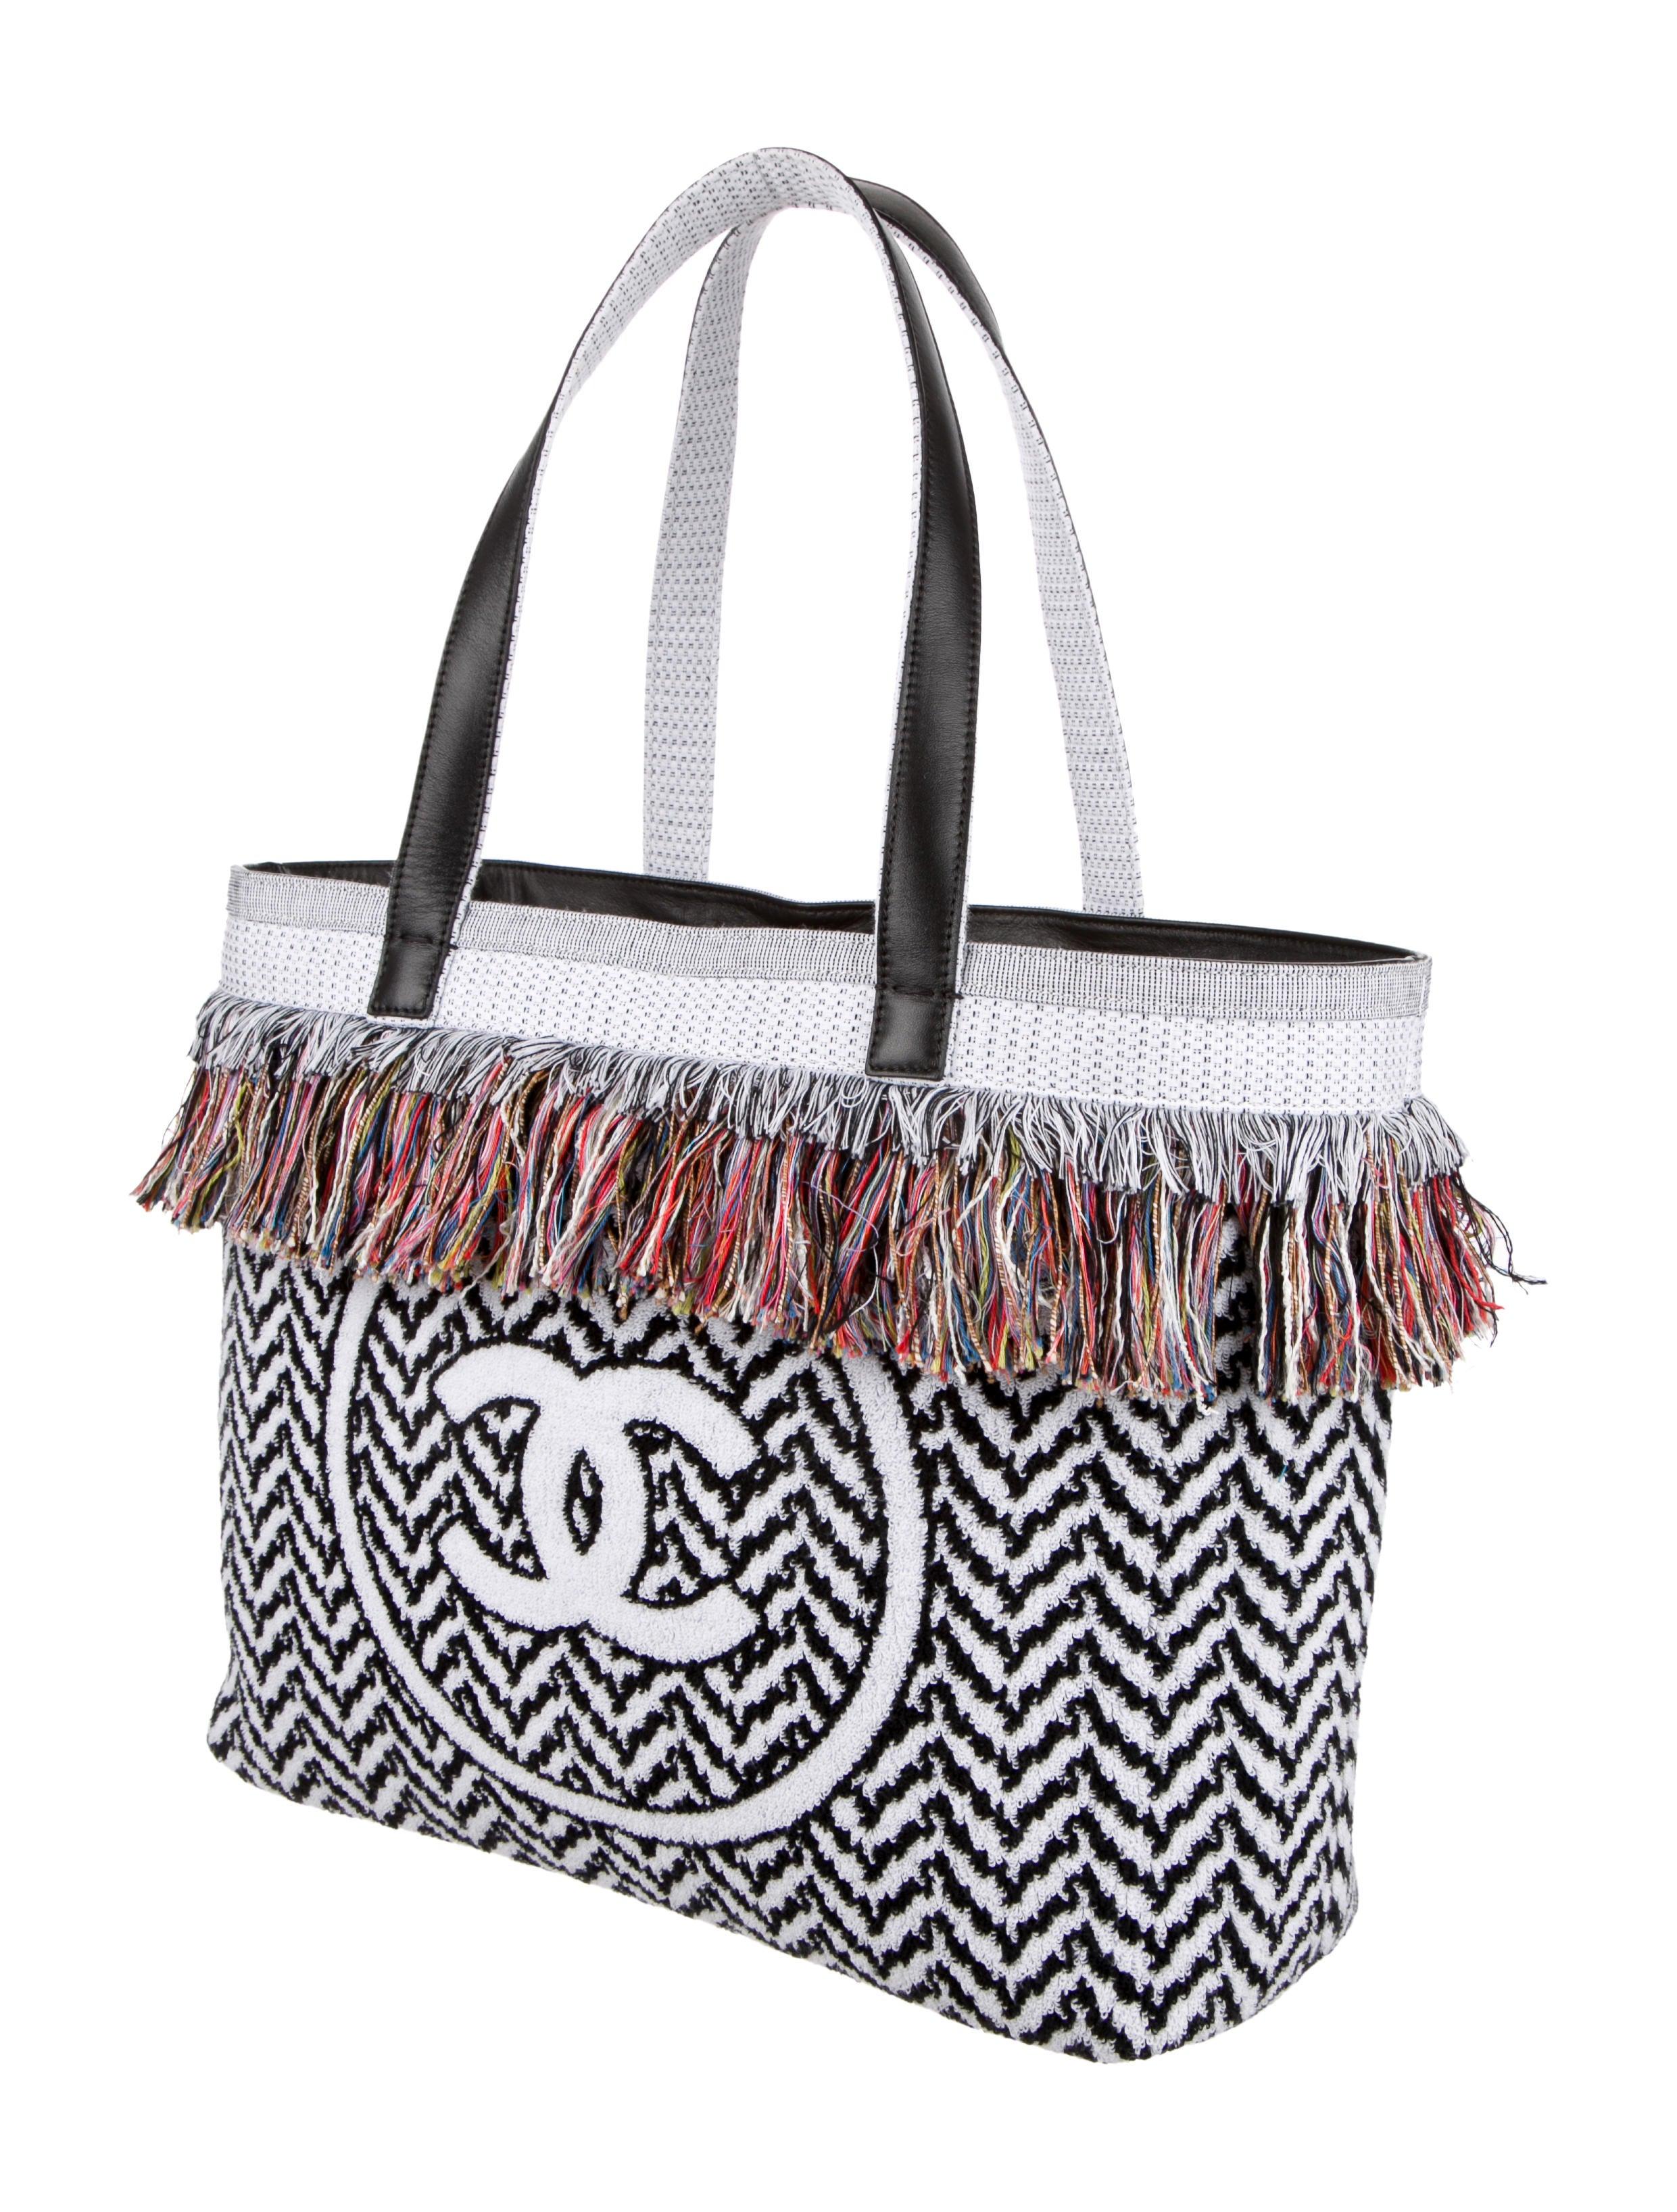 Chanel Extraordinary Fringe Beach Tote - Handbags - CHA96227 | The ...